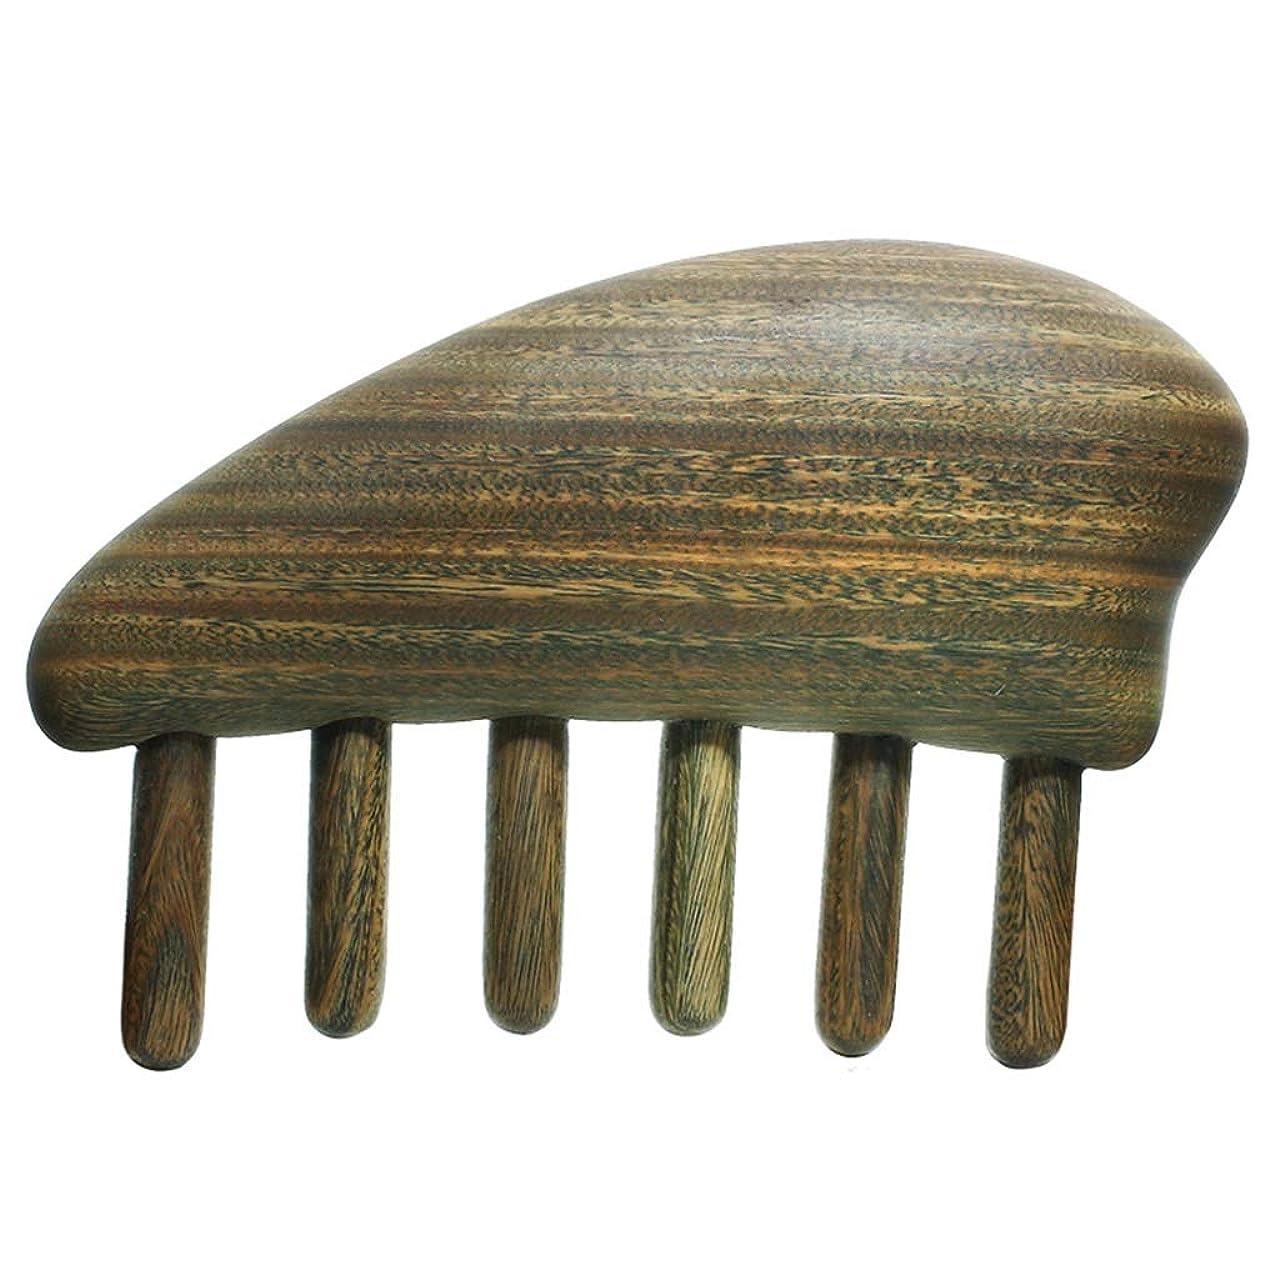 シーケンス素晴らしさ尽きるマッサージコーム、天然サンダルウッドワイドツース頭皮メリディアンコームレタリング歯付き木製櫛ギフトボックス (色 : A)